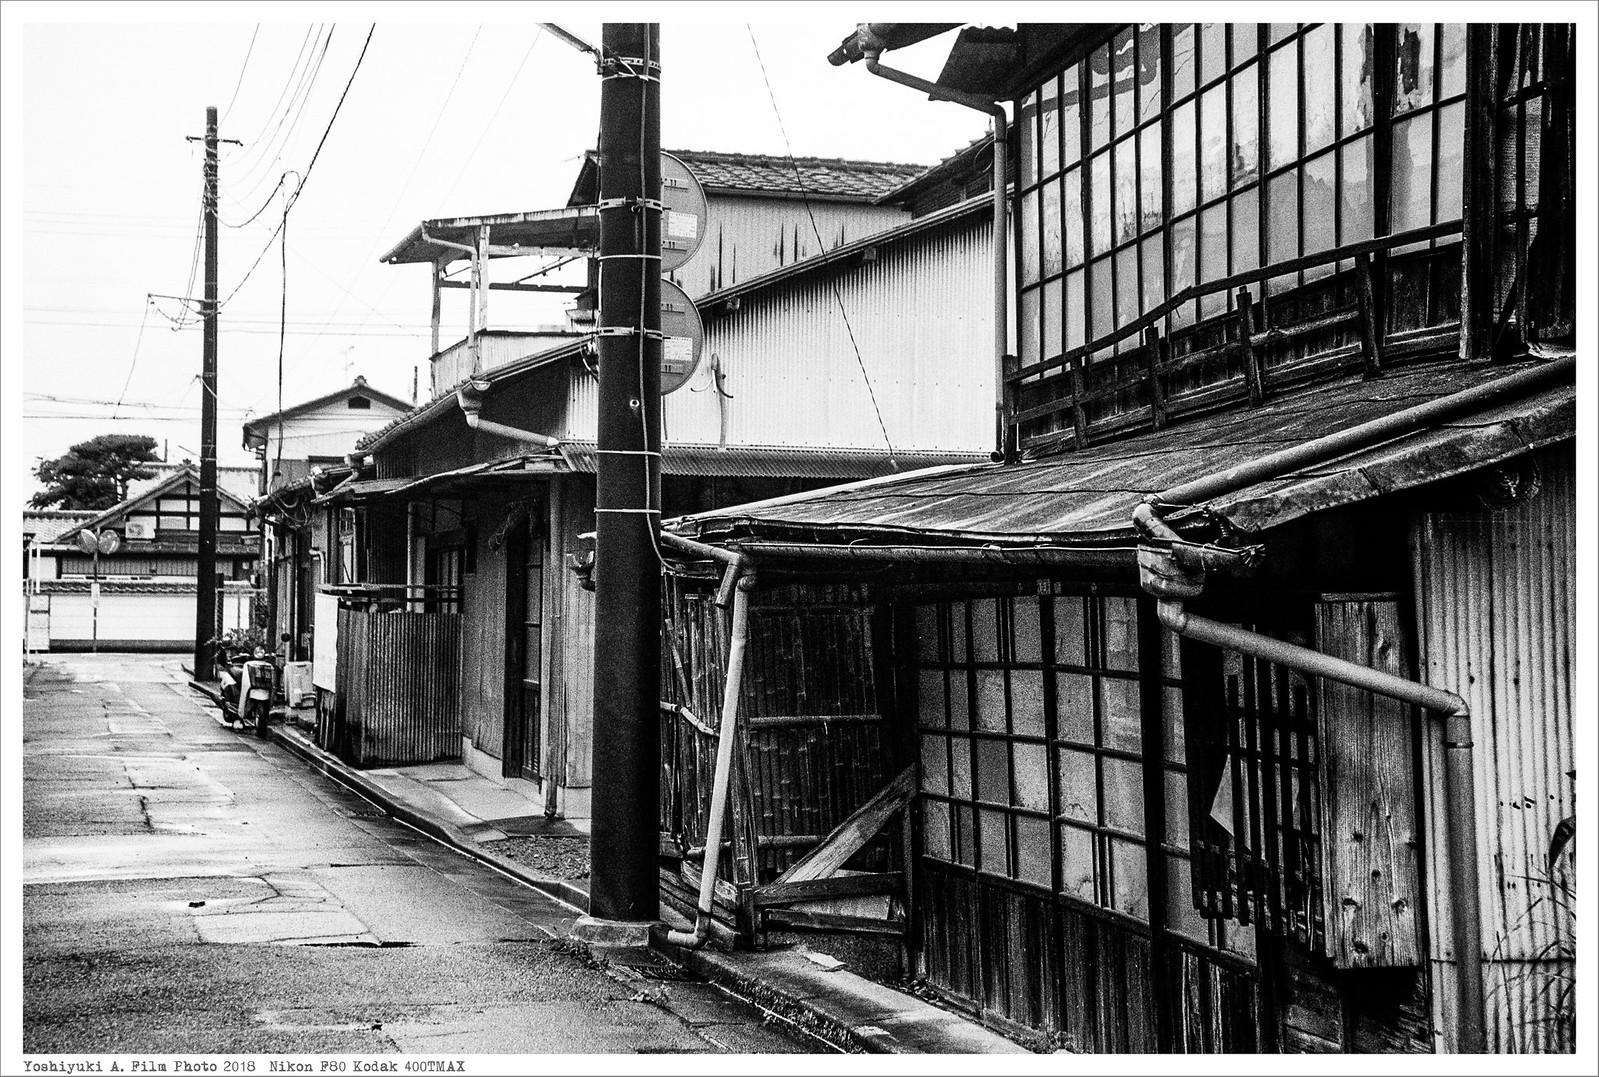 群馬県 桐生市 Nikon_F80_Kodak_400TMAX__24